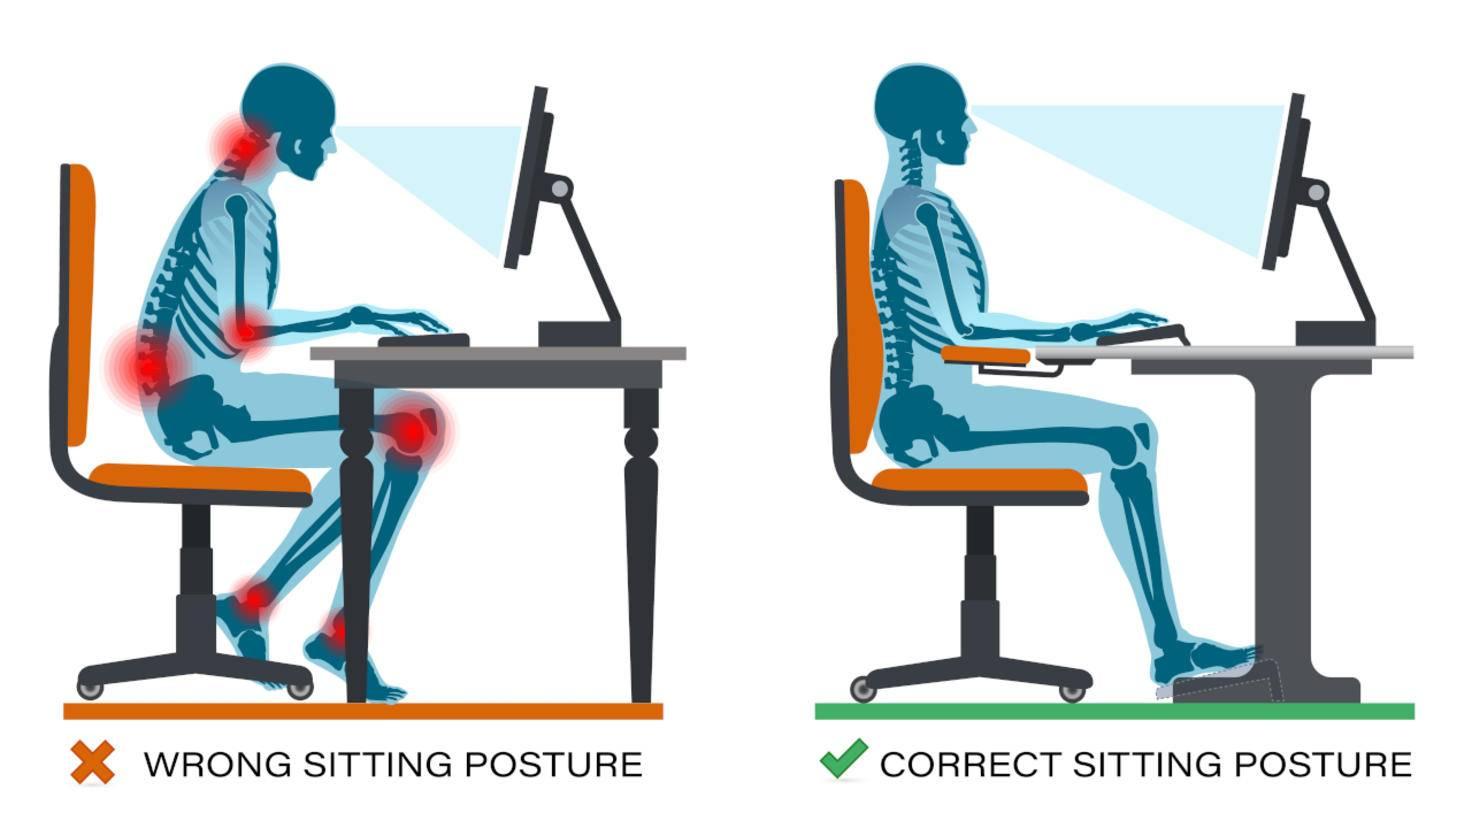 Sitzhöhe beim Arbeiten am Schreibtisch